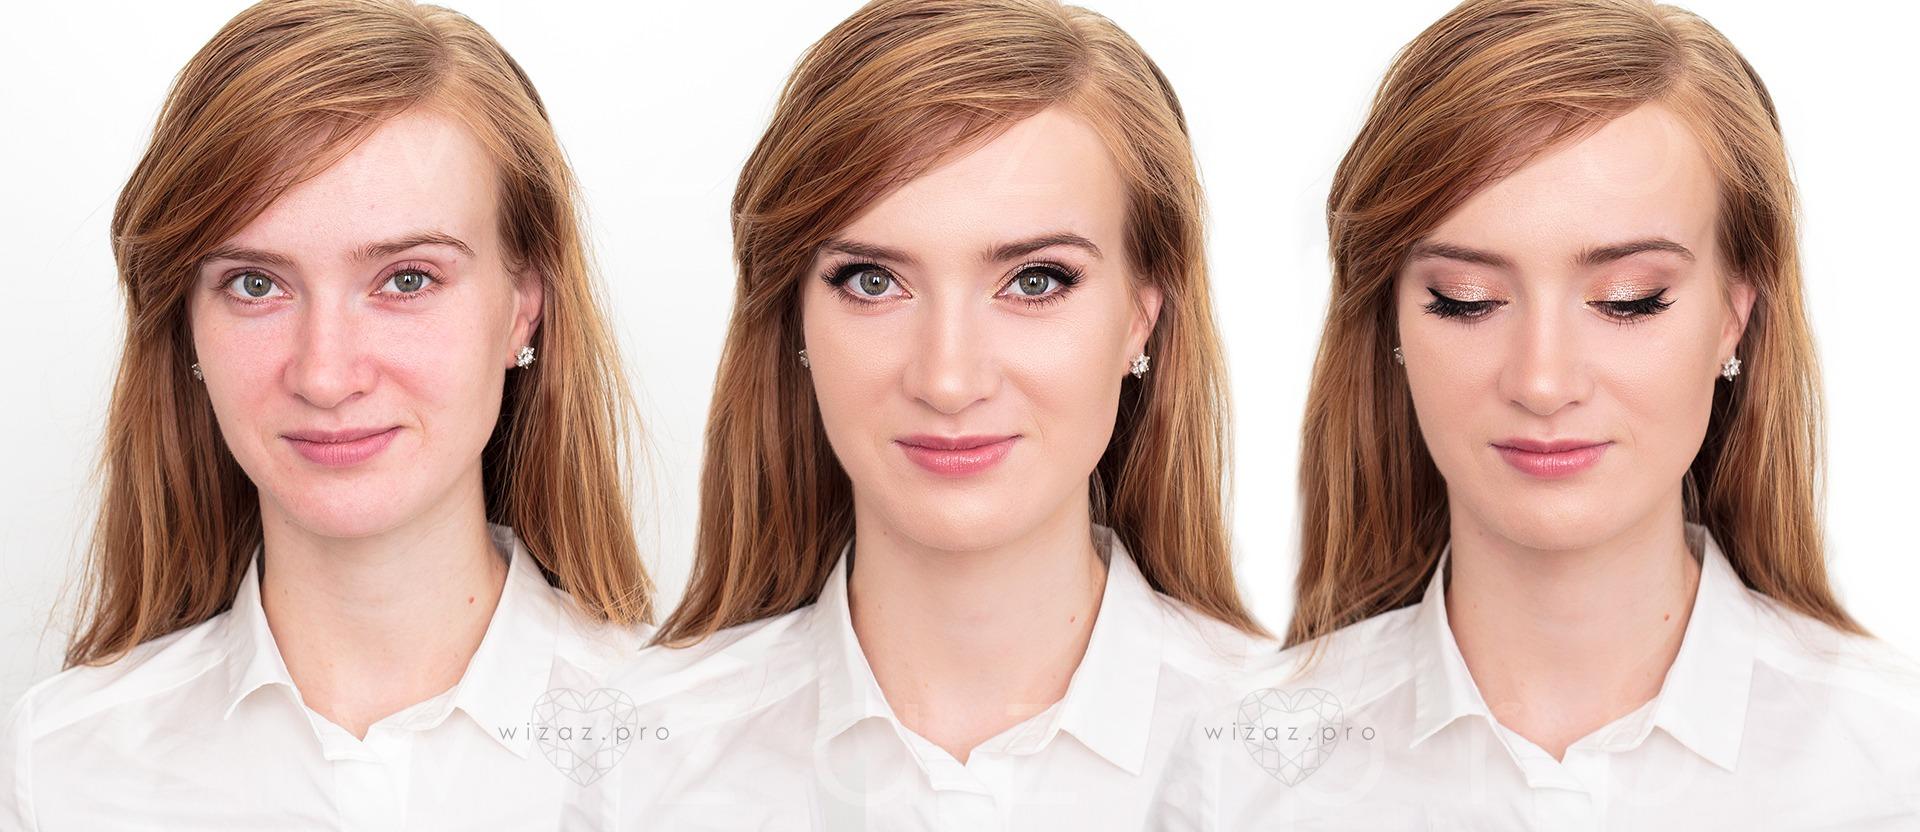 Makijaż ślubny delikatny rozświetlający dla rudej rudzielca - ciemne zielone oczy - Wizaż PRO Kraków